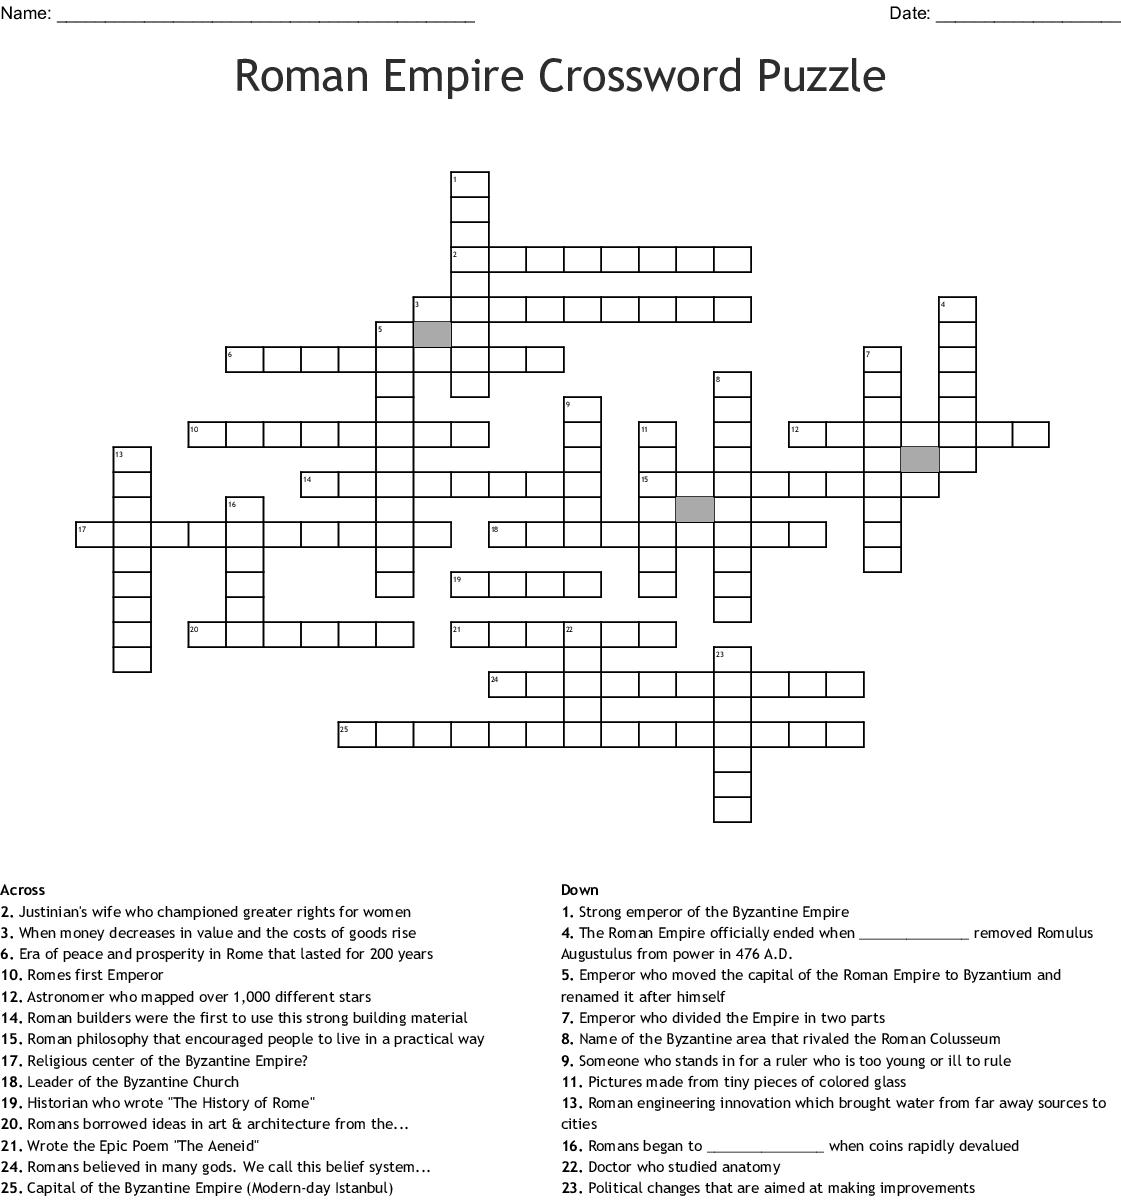 Roman Empire Crossword Puzzle Word